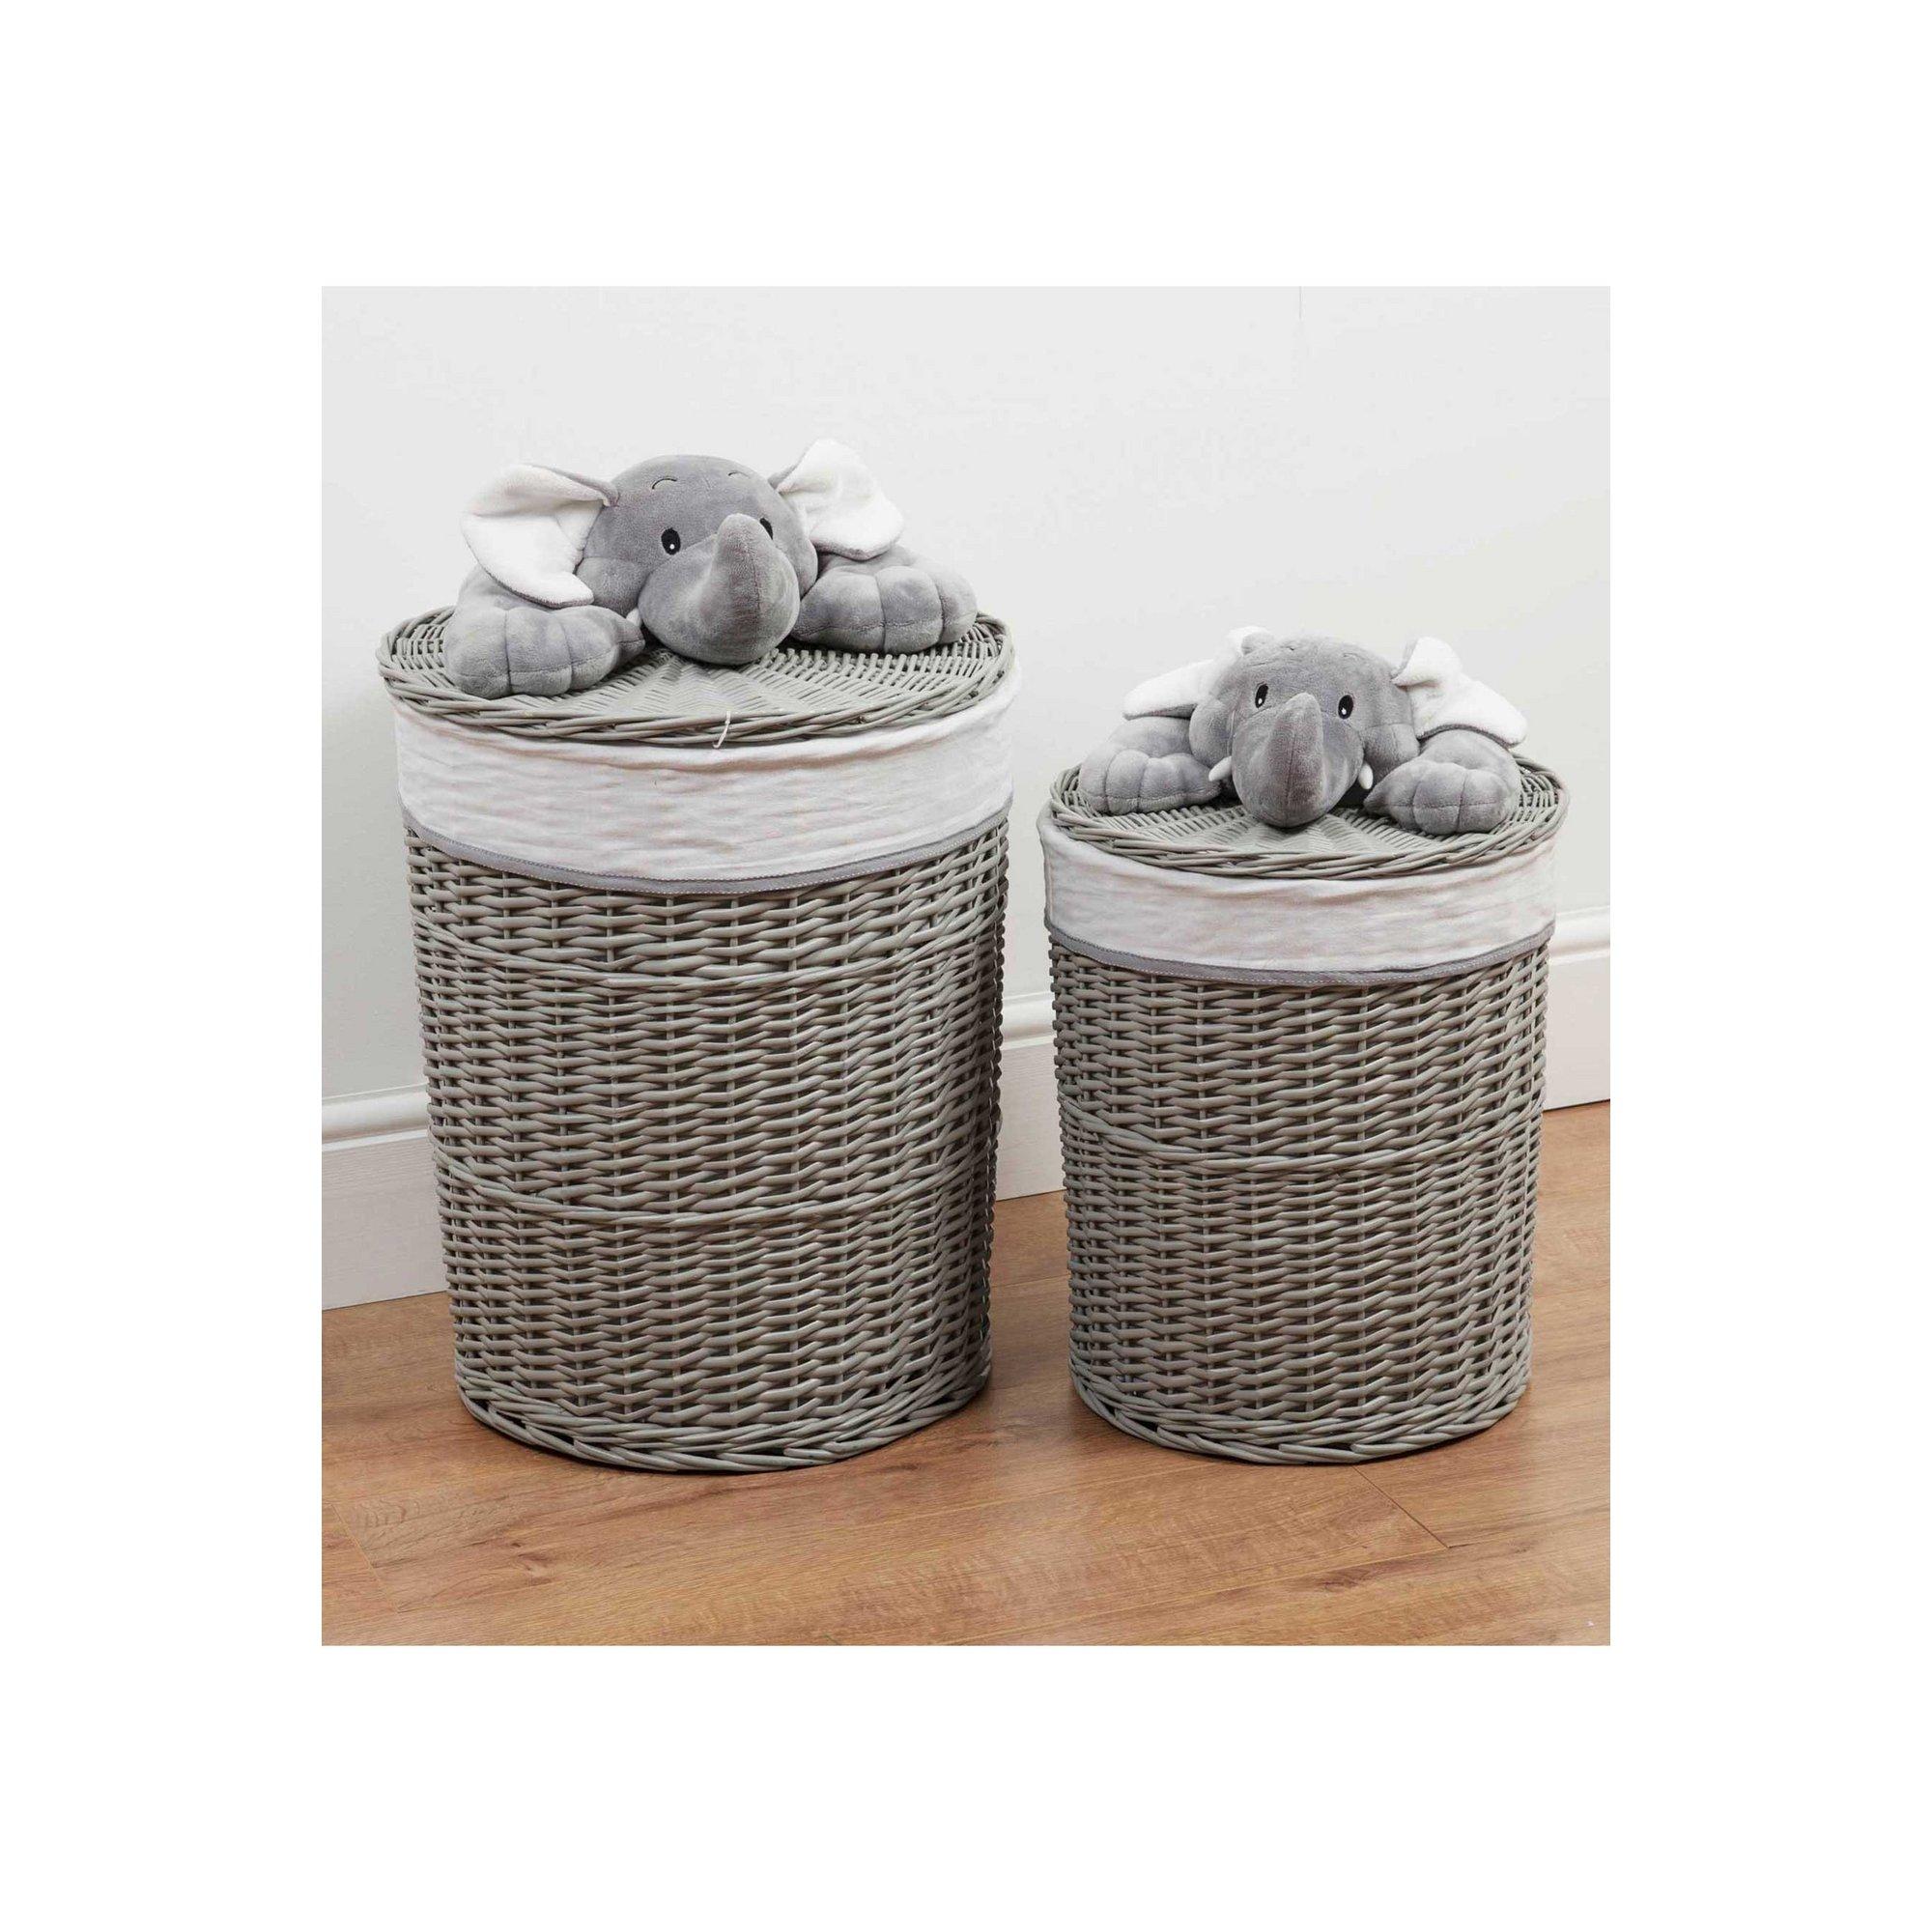 Image of Bambino Set of 2 Round Wicker Laundry Baskets Plush Elephant